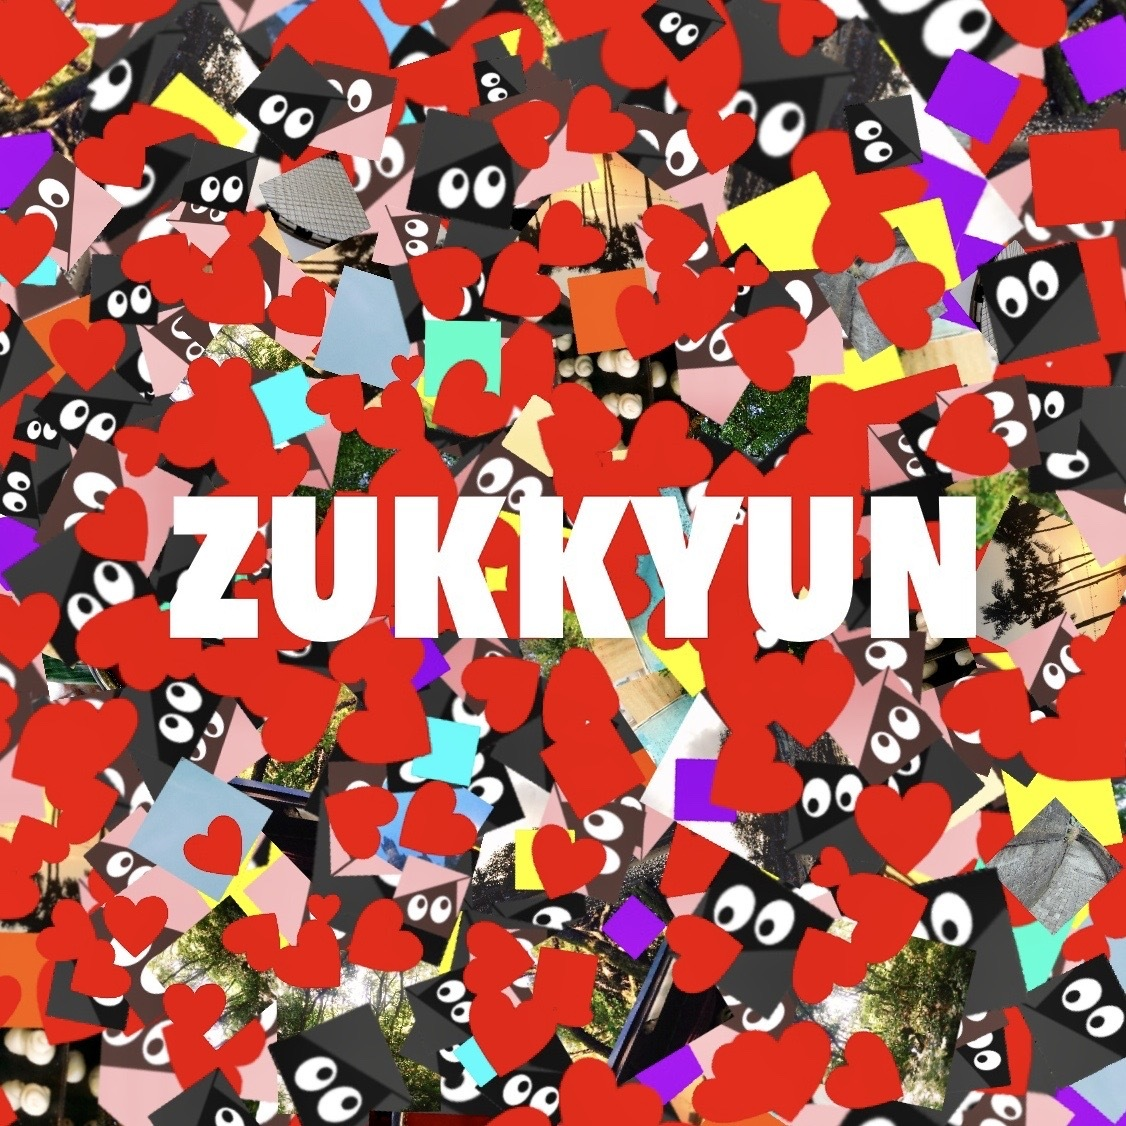 ズッキュン(ZUKKYUN)